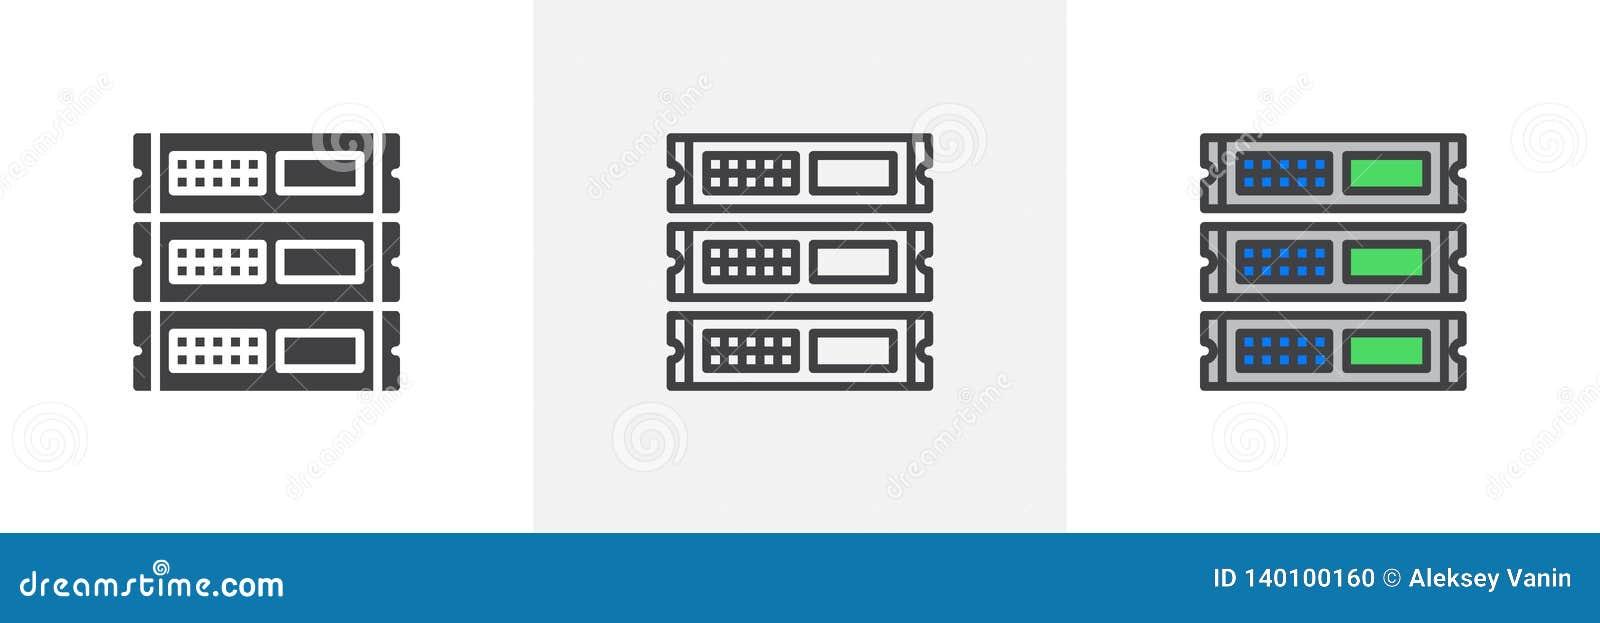 Unidade da cremalheira, ícone dos servidores